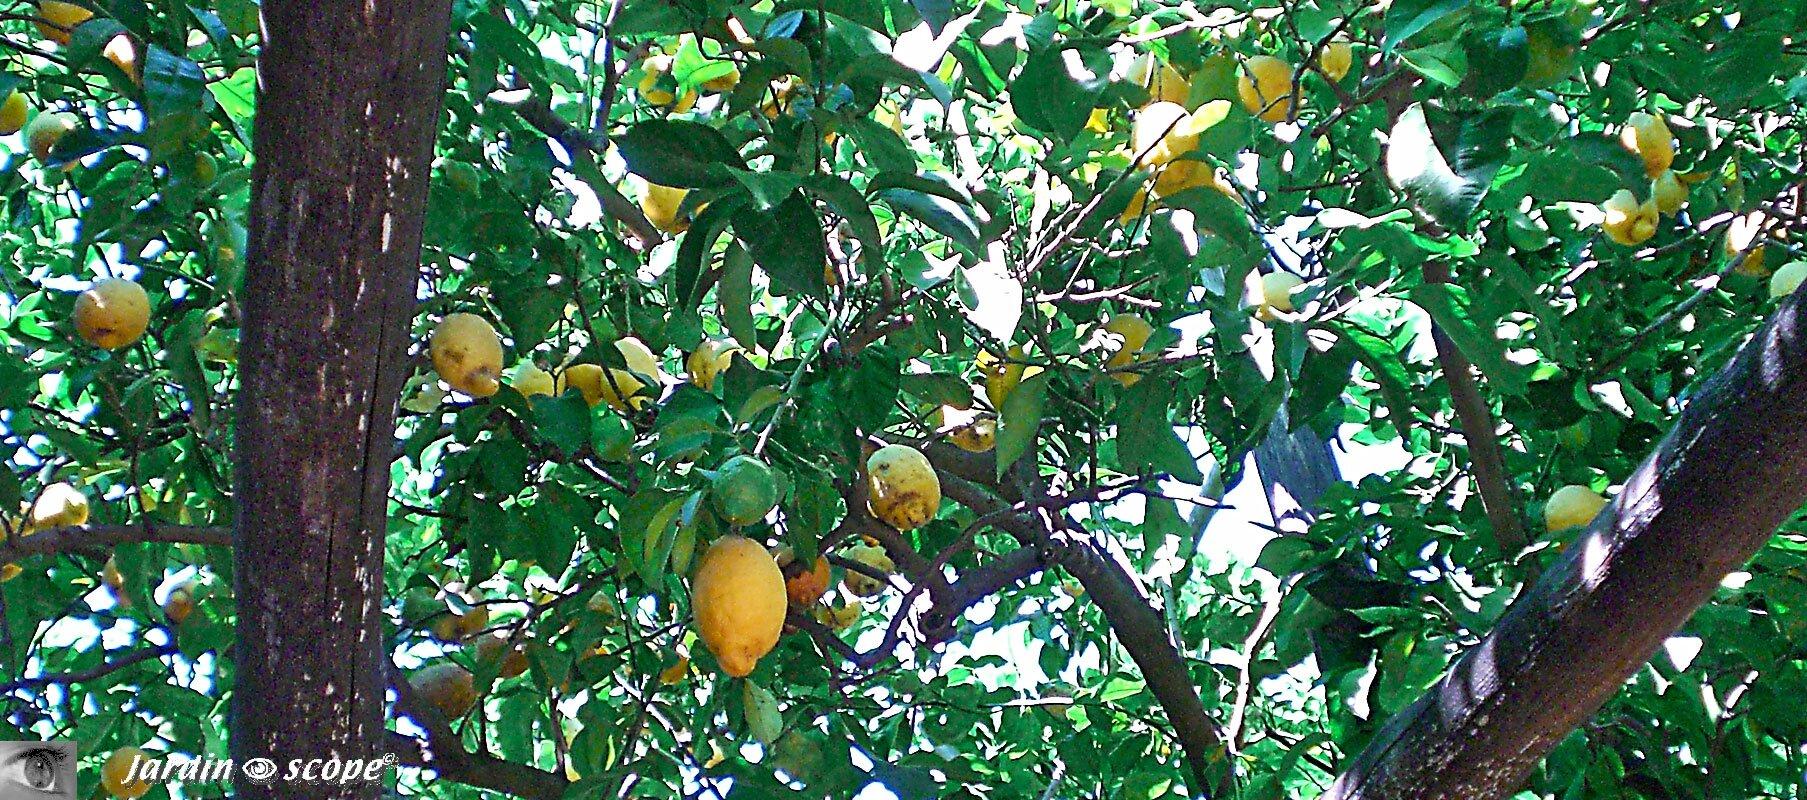 Le pense jardin des travaux faire en ao t le jardinoscope cot pratique les bons gestes - Quand tailler les citronniers ...